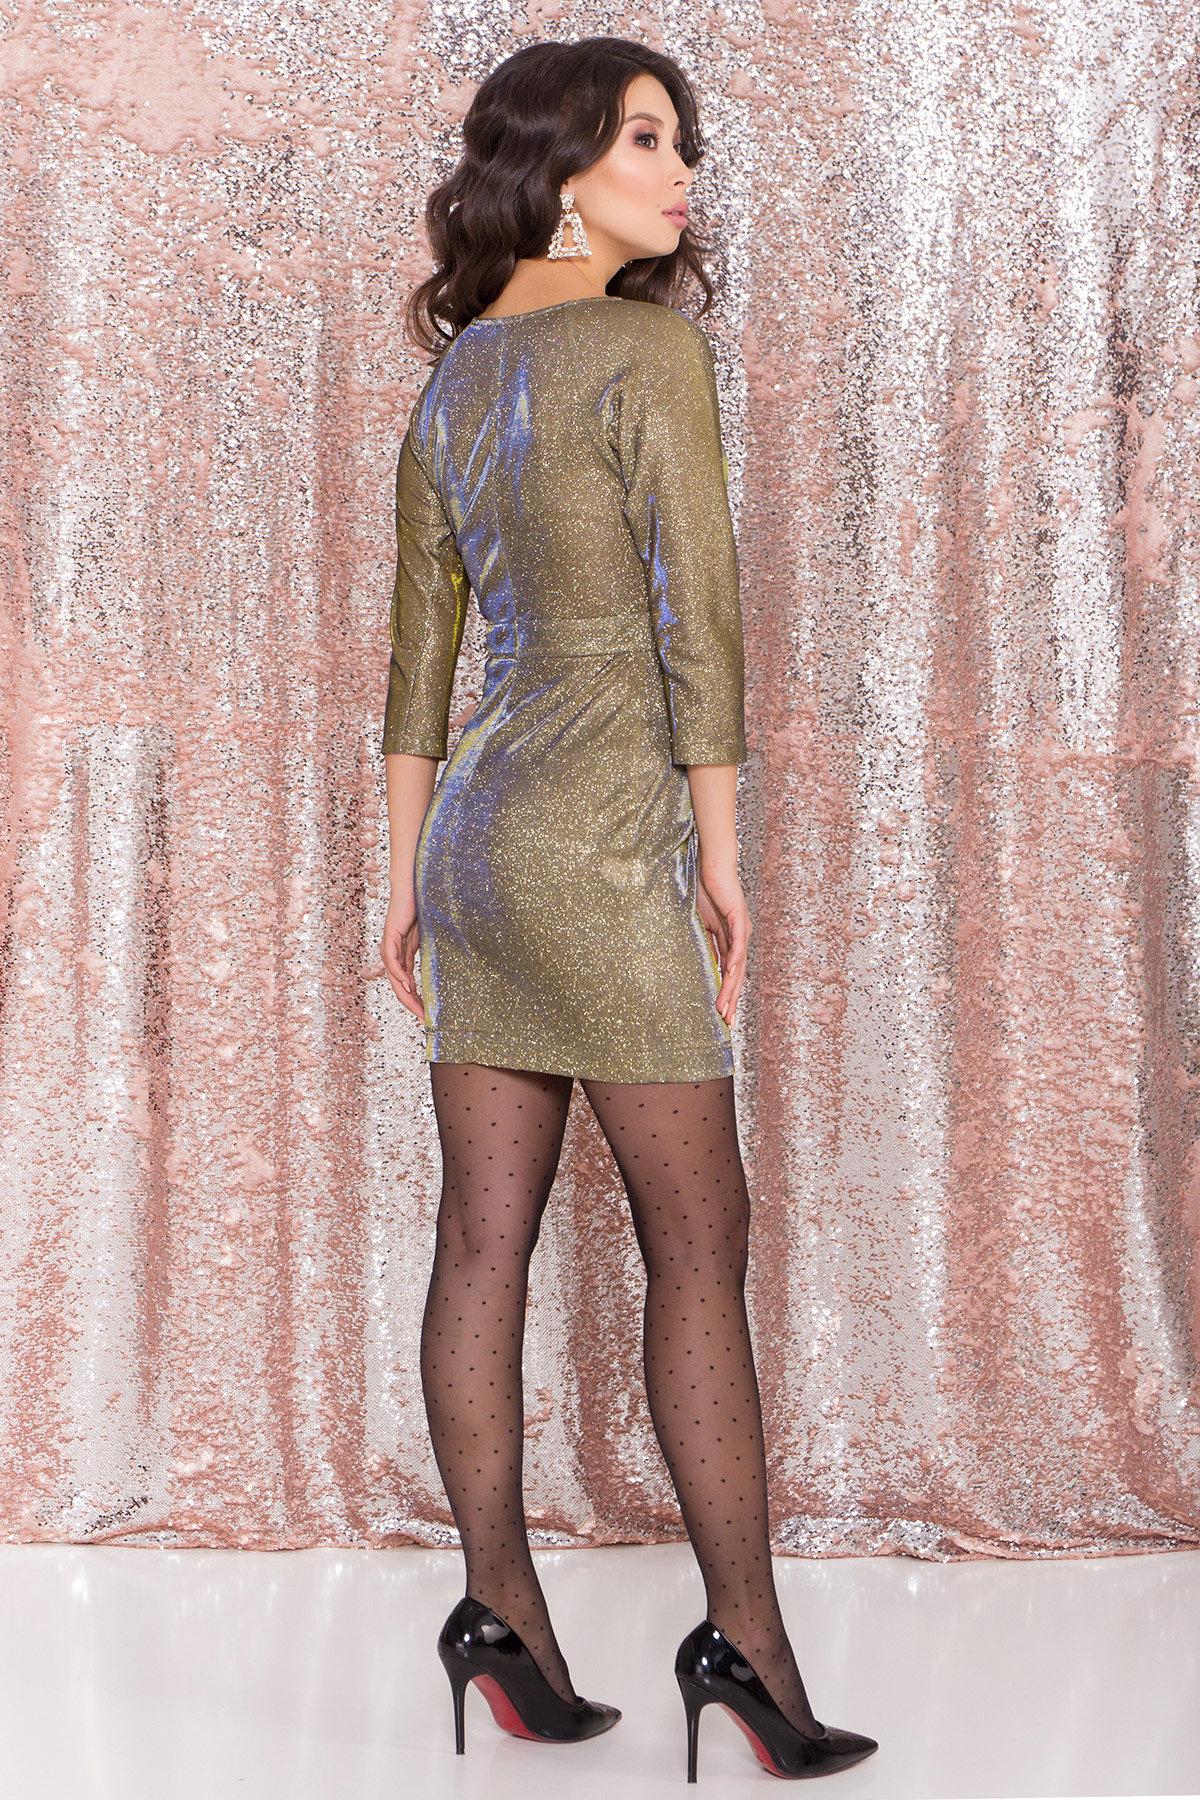 Платье-хамелеон из трикотажа с люрексом Инглот 8428 АРТ. 45009 Цвет: Золото/электрик - фото 2, интернет магазин tm-modus.ru